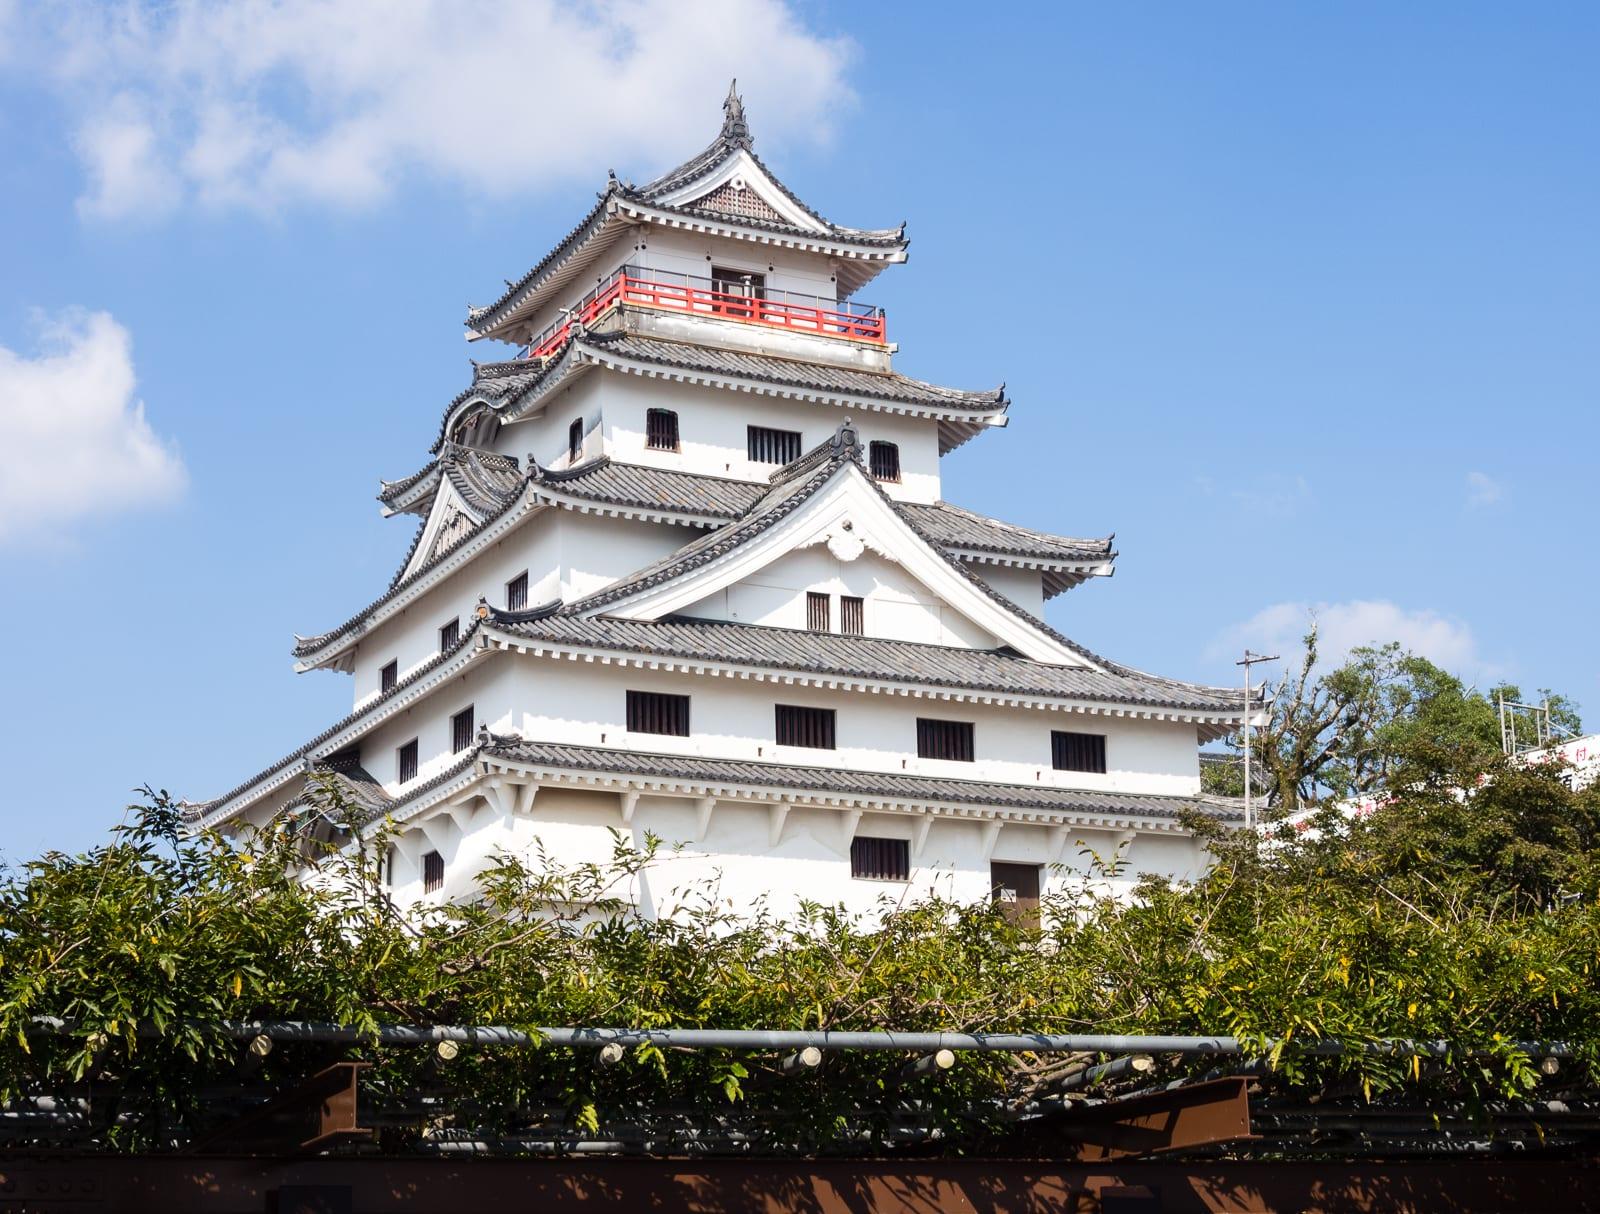 唐津城是由豐臣秀吉的家臣寺澤廣高於江戶時代所建造完成。SOURCE:AMENOHI TRAVELS